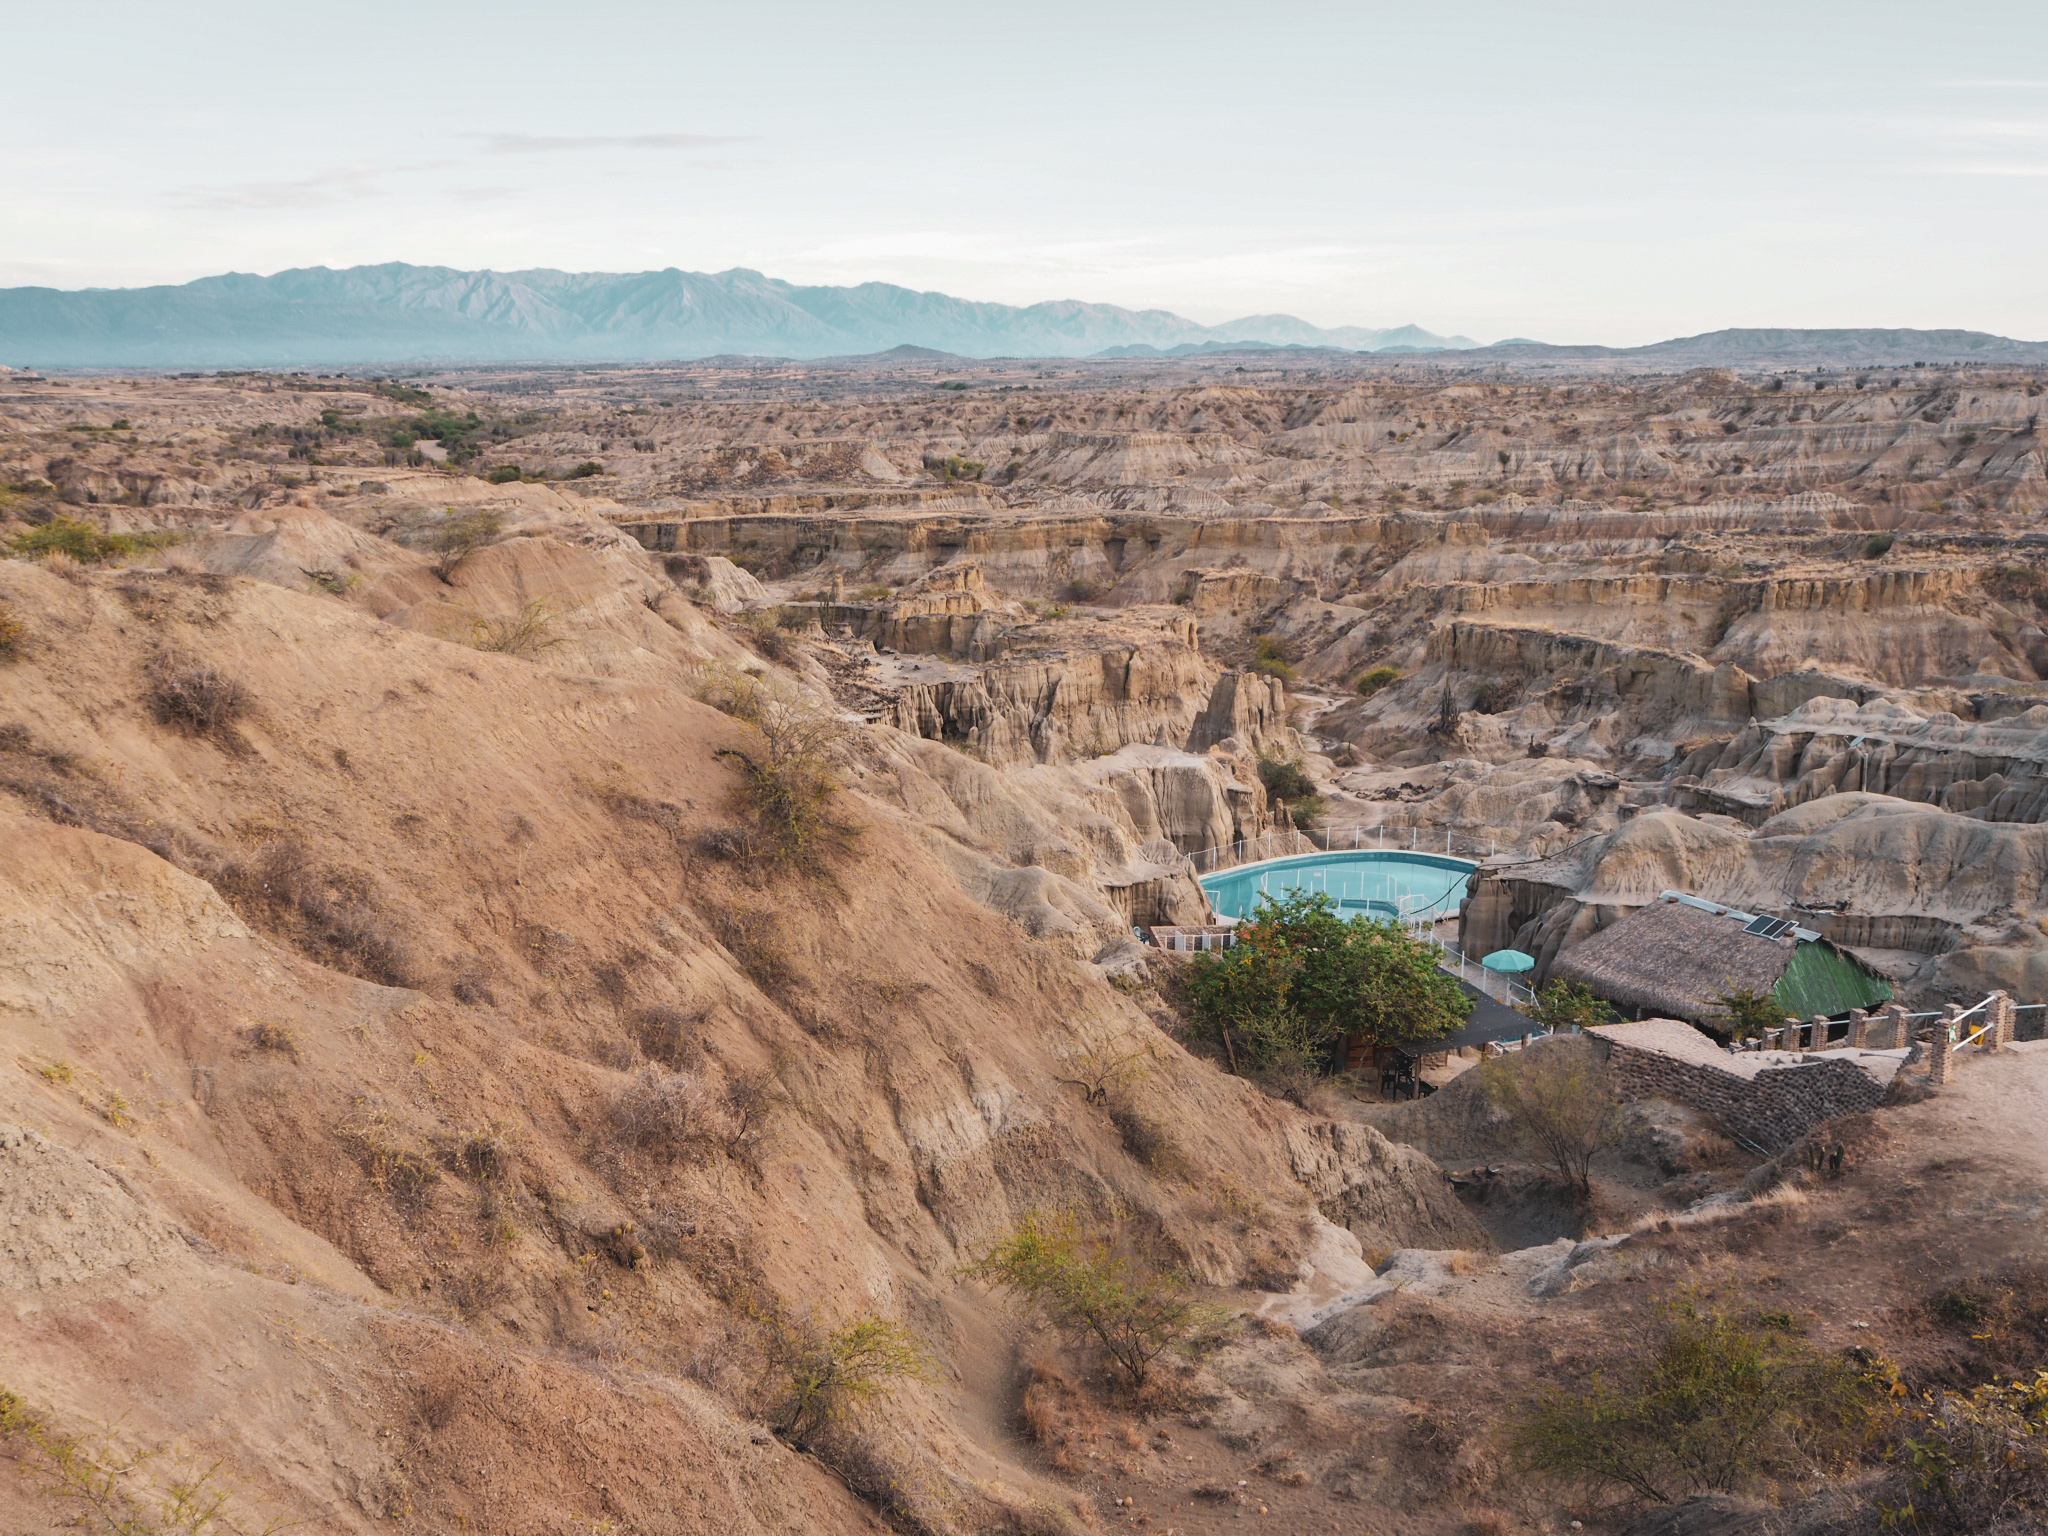 Desierto de la Tatacoa - Die Einfachheit der Wüste 9